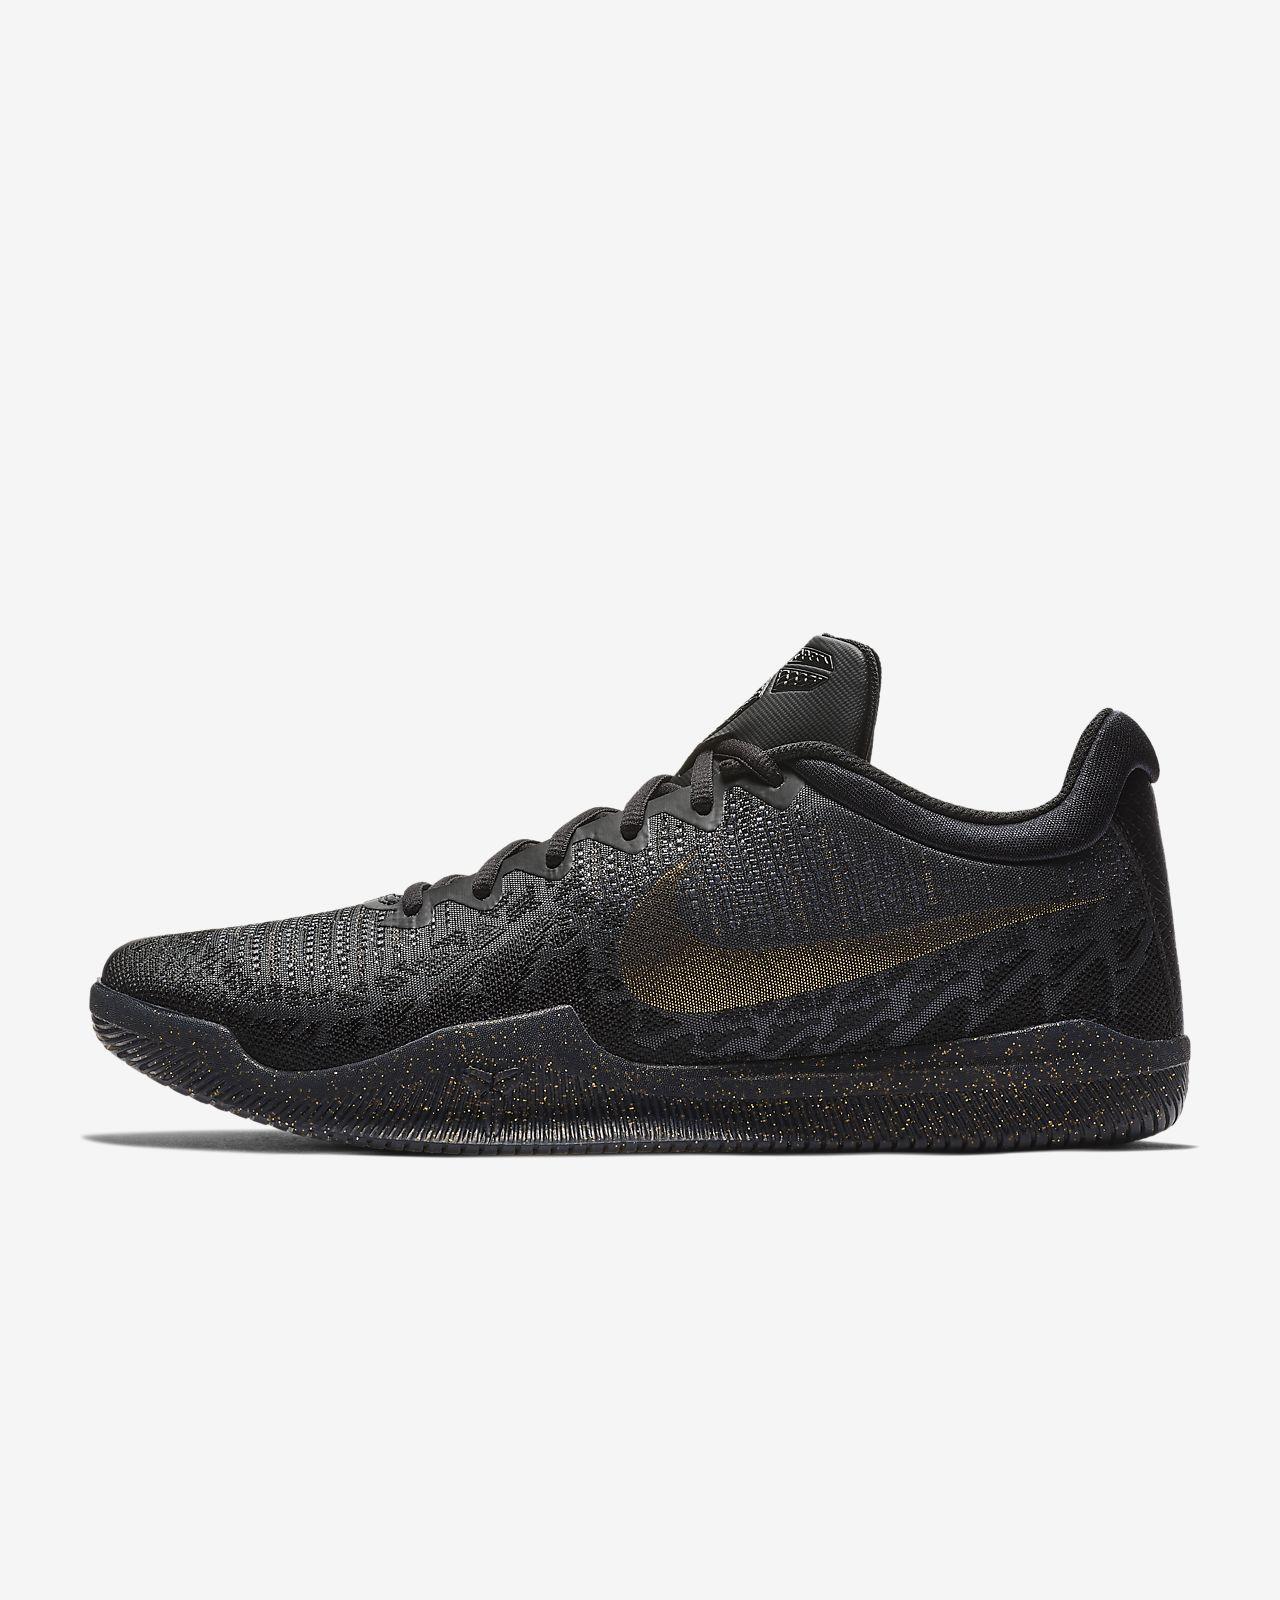 3c8615806658 ... wholesale nike mamba rage mens basketball shoe e07f2 dd552